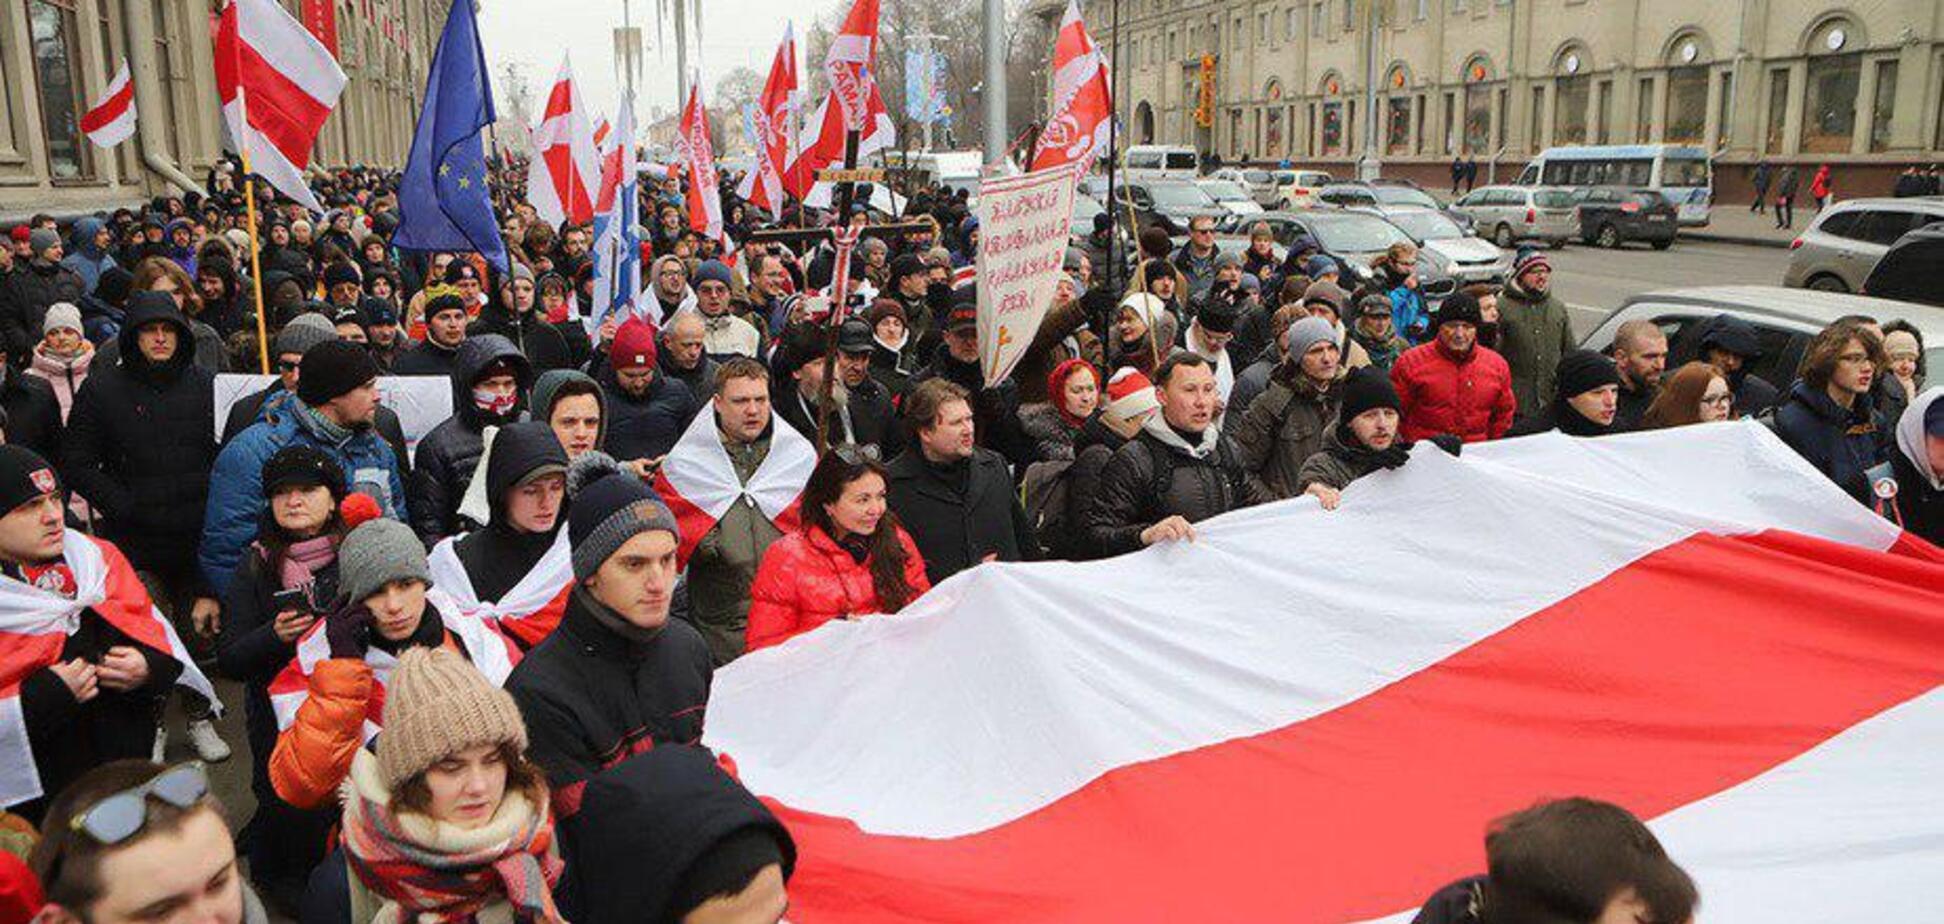 'Стояти на смерть!' В Білорусь пройшли масштабчні протести проти Путіна. Фото і відео